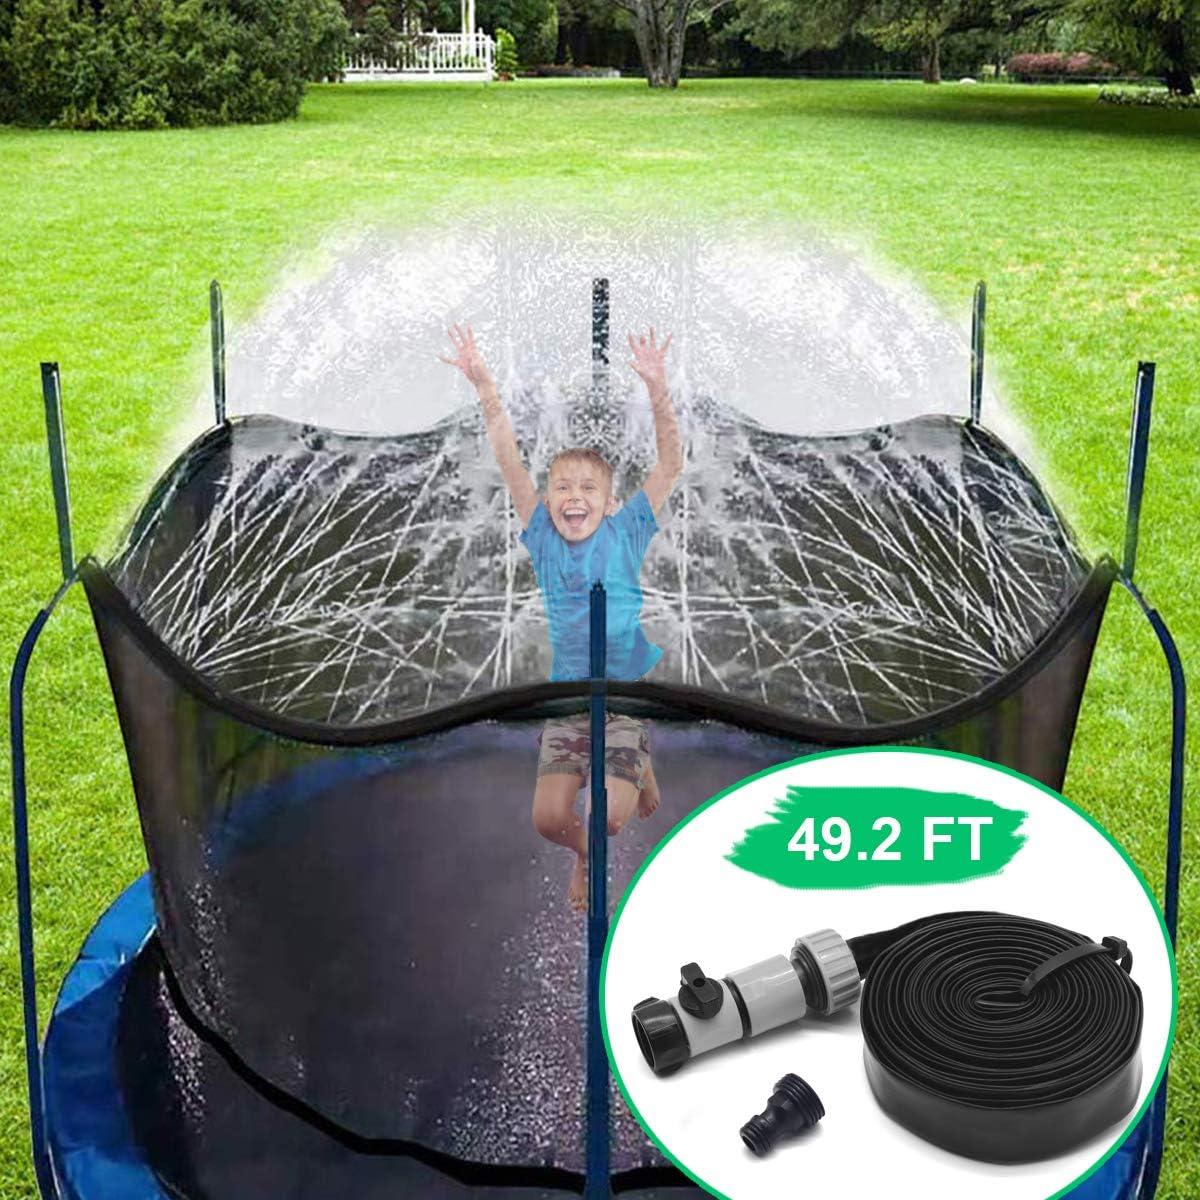 CT Aspersor Trampolín Set ,Cama elástica de Jardín Water Play Sprinklers Pipe , Hechos para Sujetar en la Caja de Red de Seguridad del trampolín (15 m)